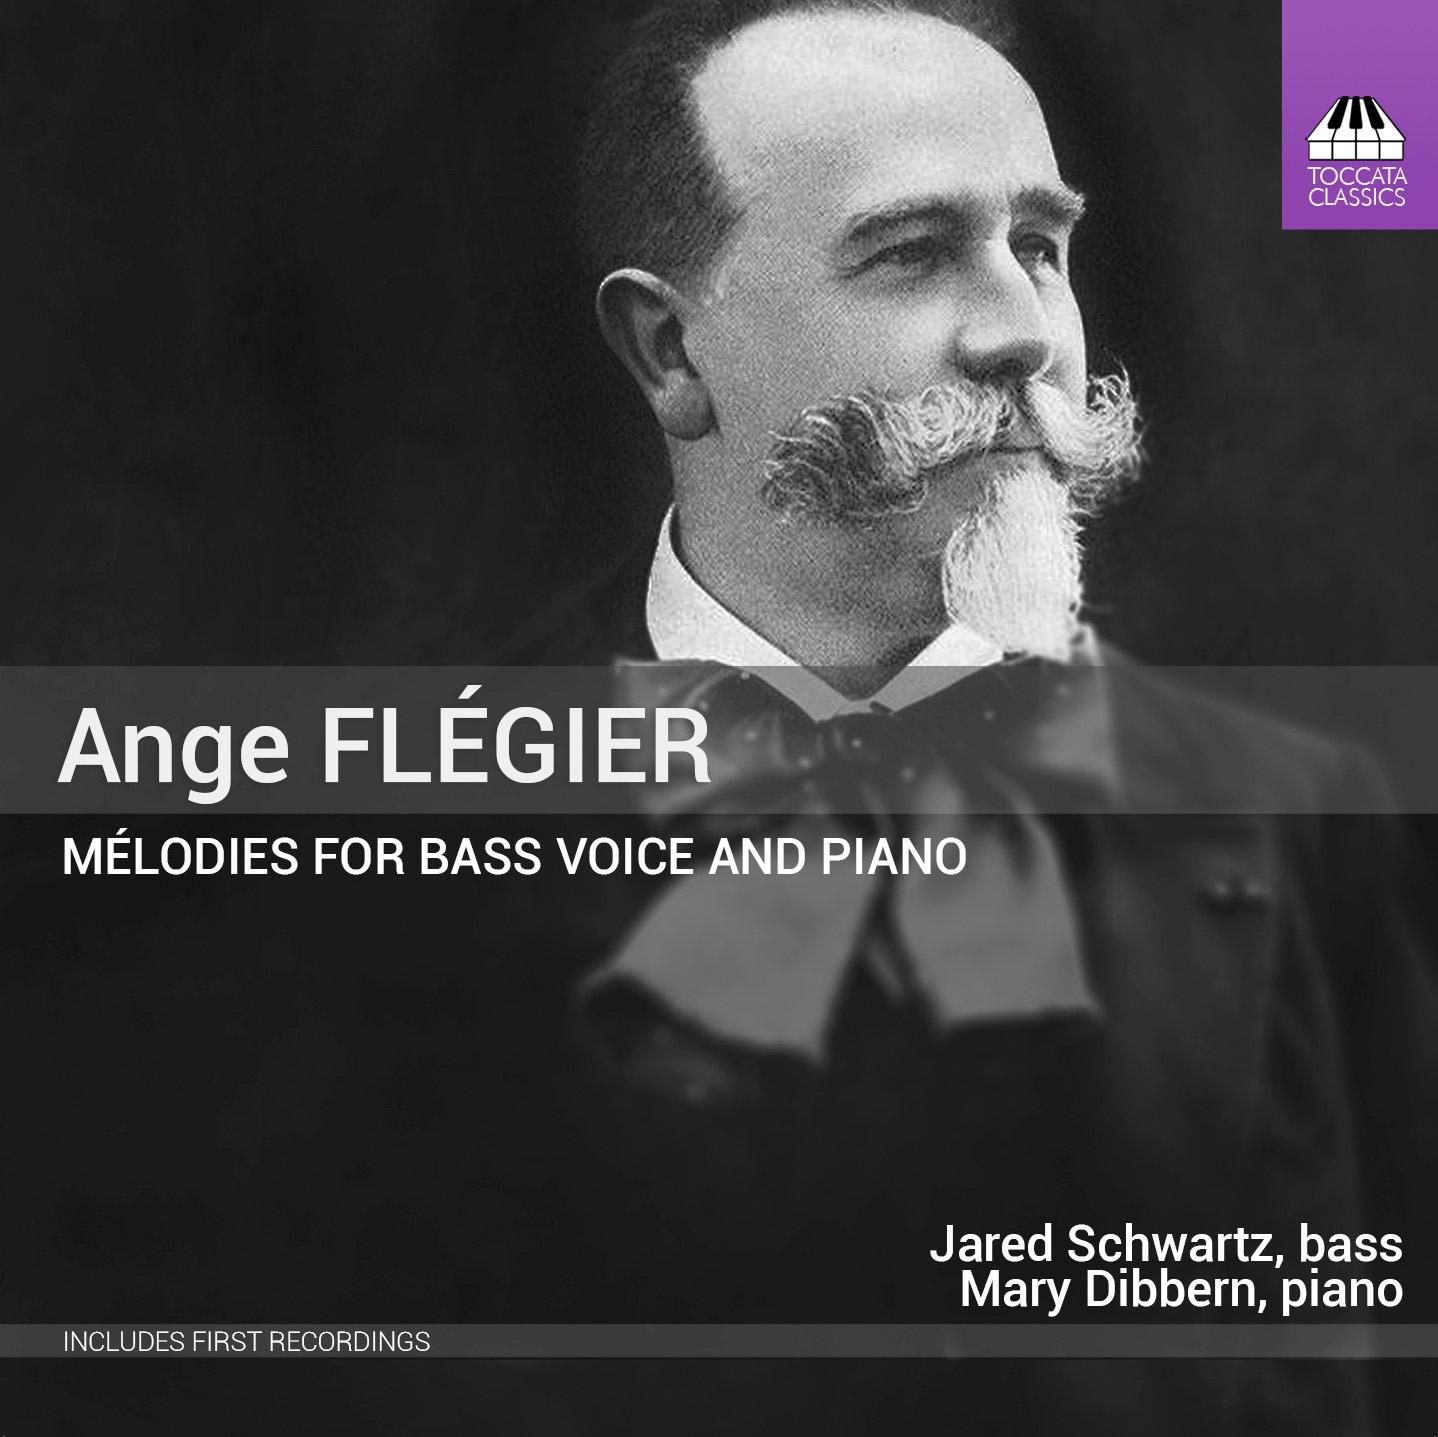 IN REVIEW: Ange Flégier - MÉLODIES POUR VOIX BASSE ET PIANO (Toccata Classics TOCC 0306)